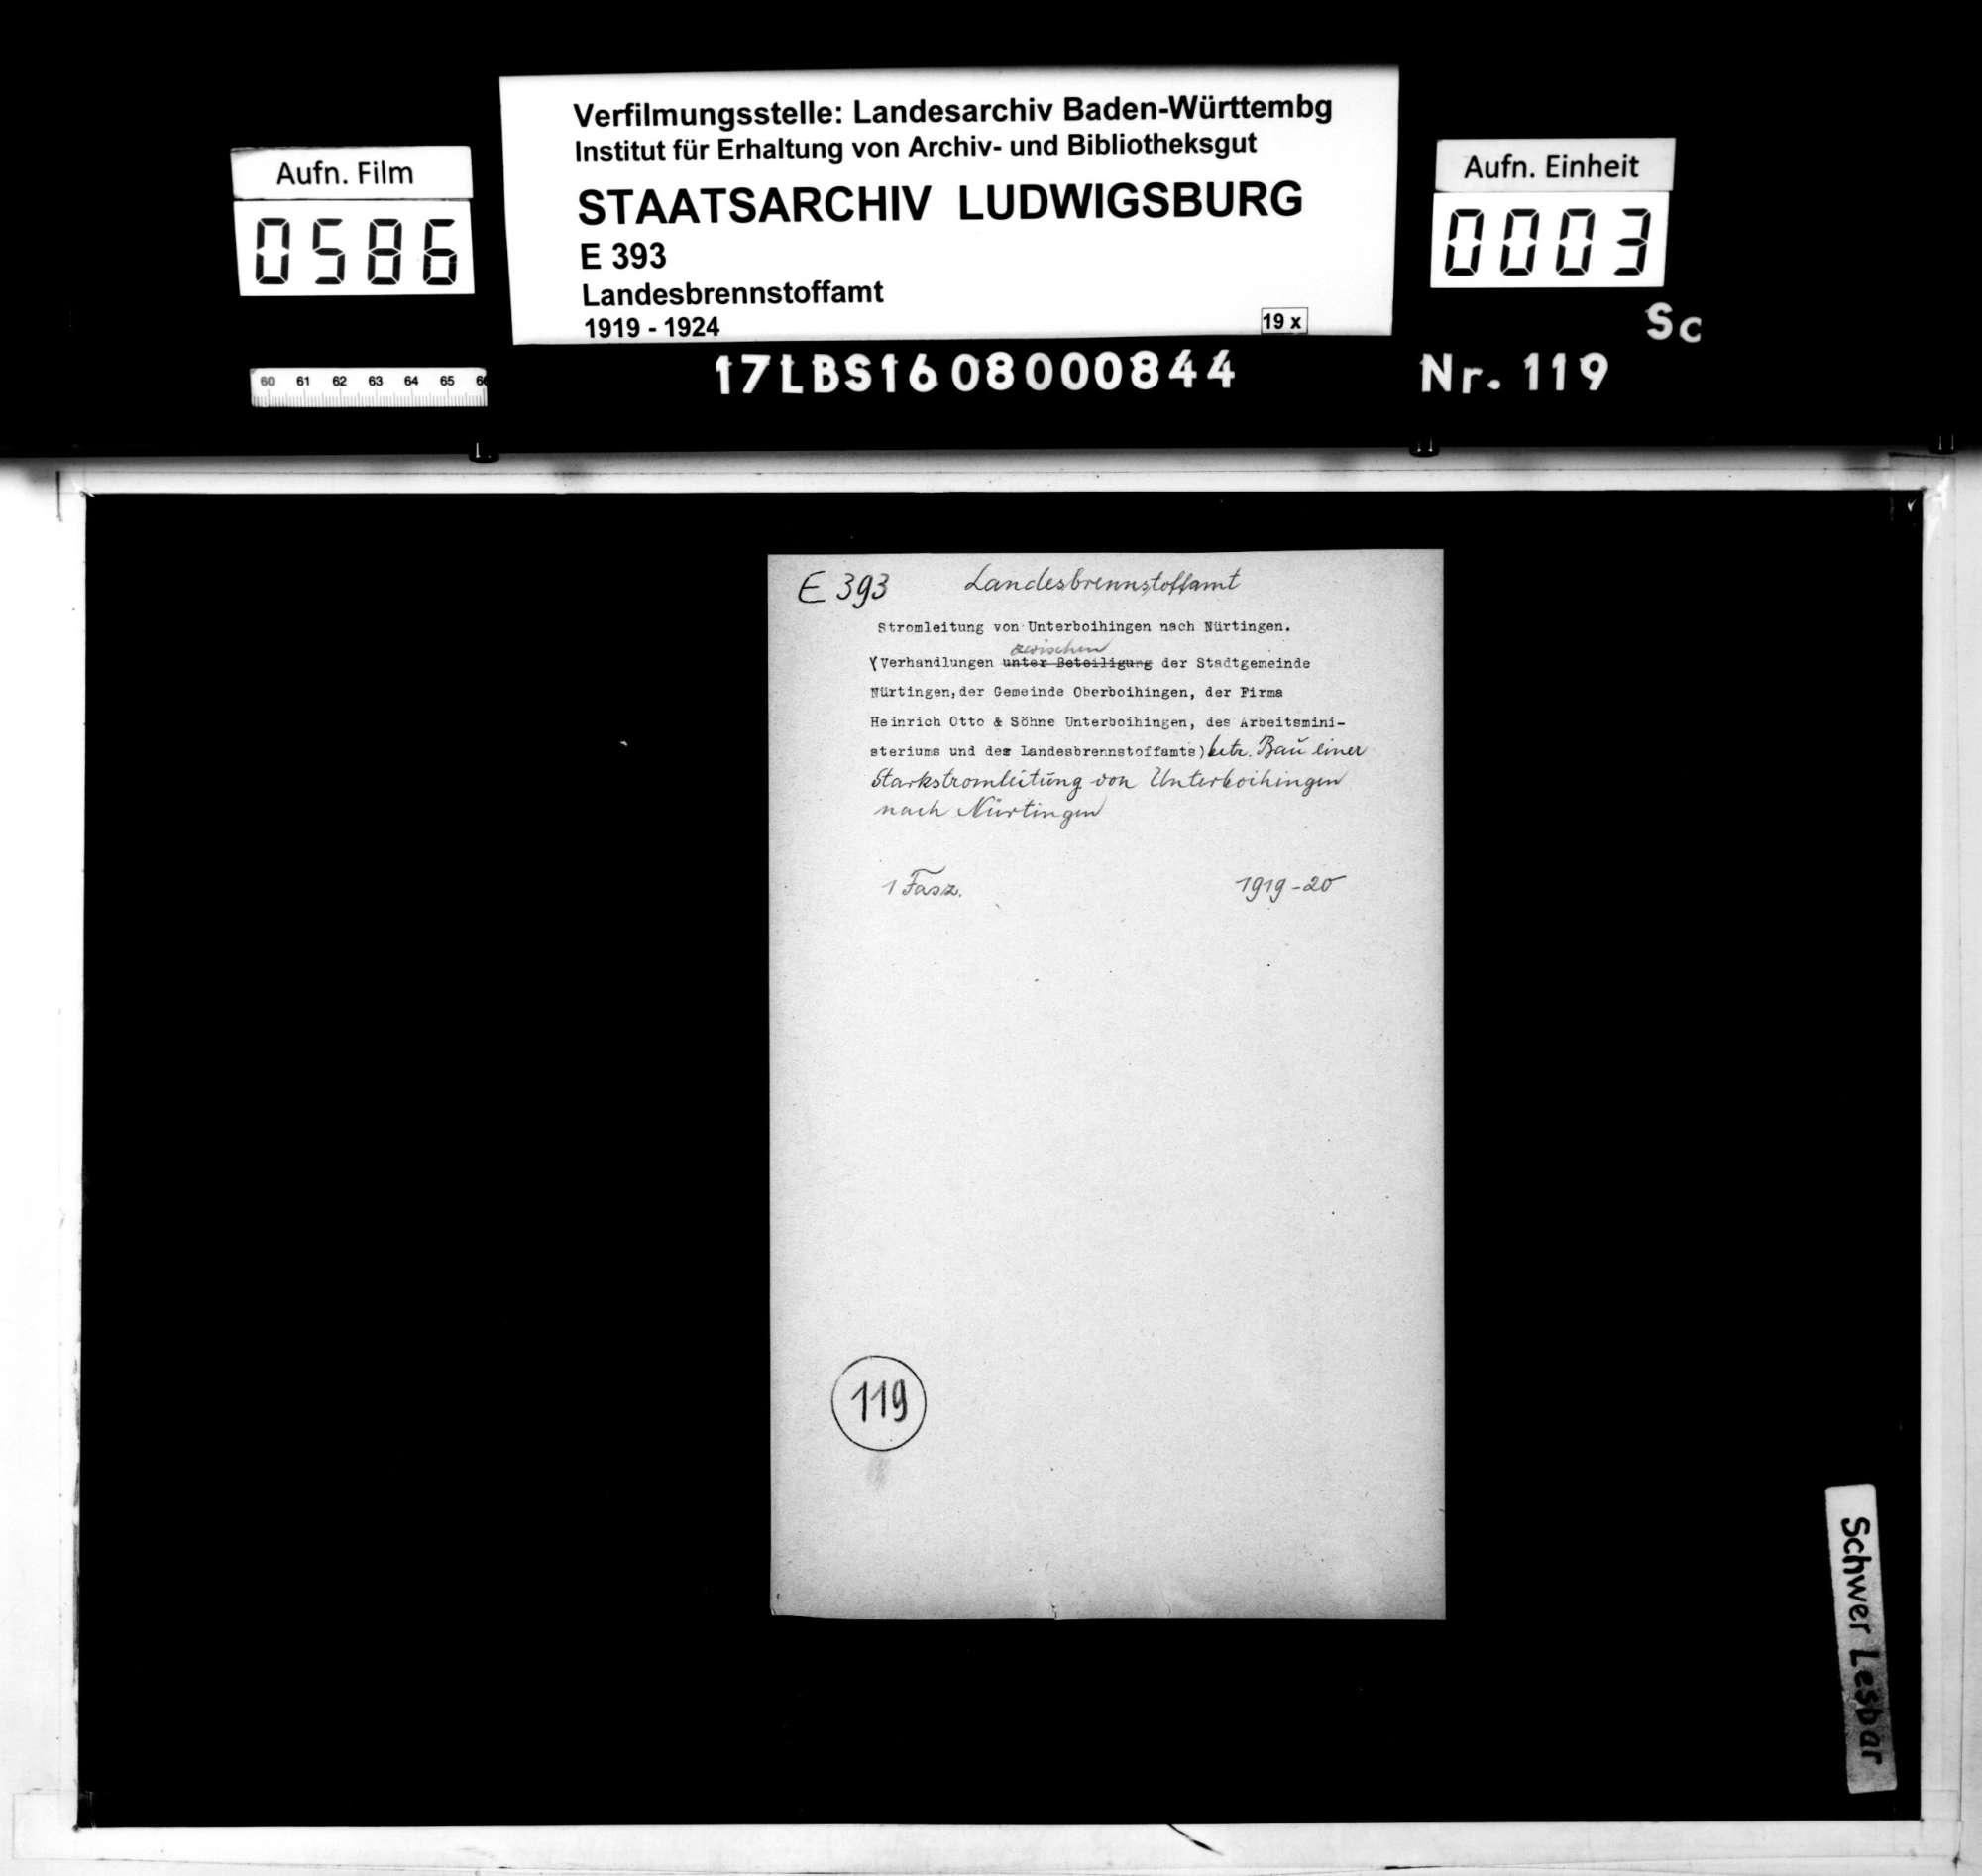 Verhandlungen zwischen der Stadtgemeinde Nürtingen, der Gemeinde Oberboihingen, der Firma Heinrich Otto und Söhne, Unterboihingen, und dem Landesbrennstoffamt betr. den Bau einer Starkstromleitung von Unterboihingen nach Nürtingen, Bild 1